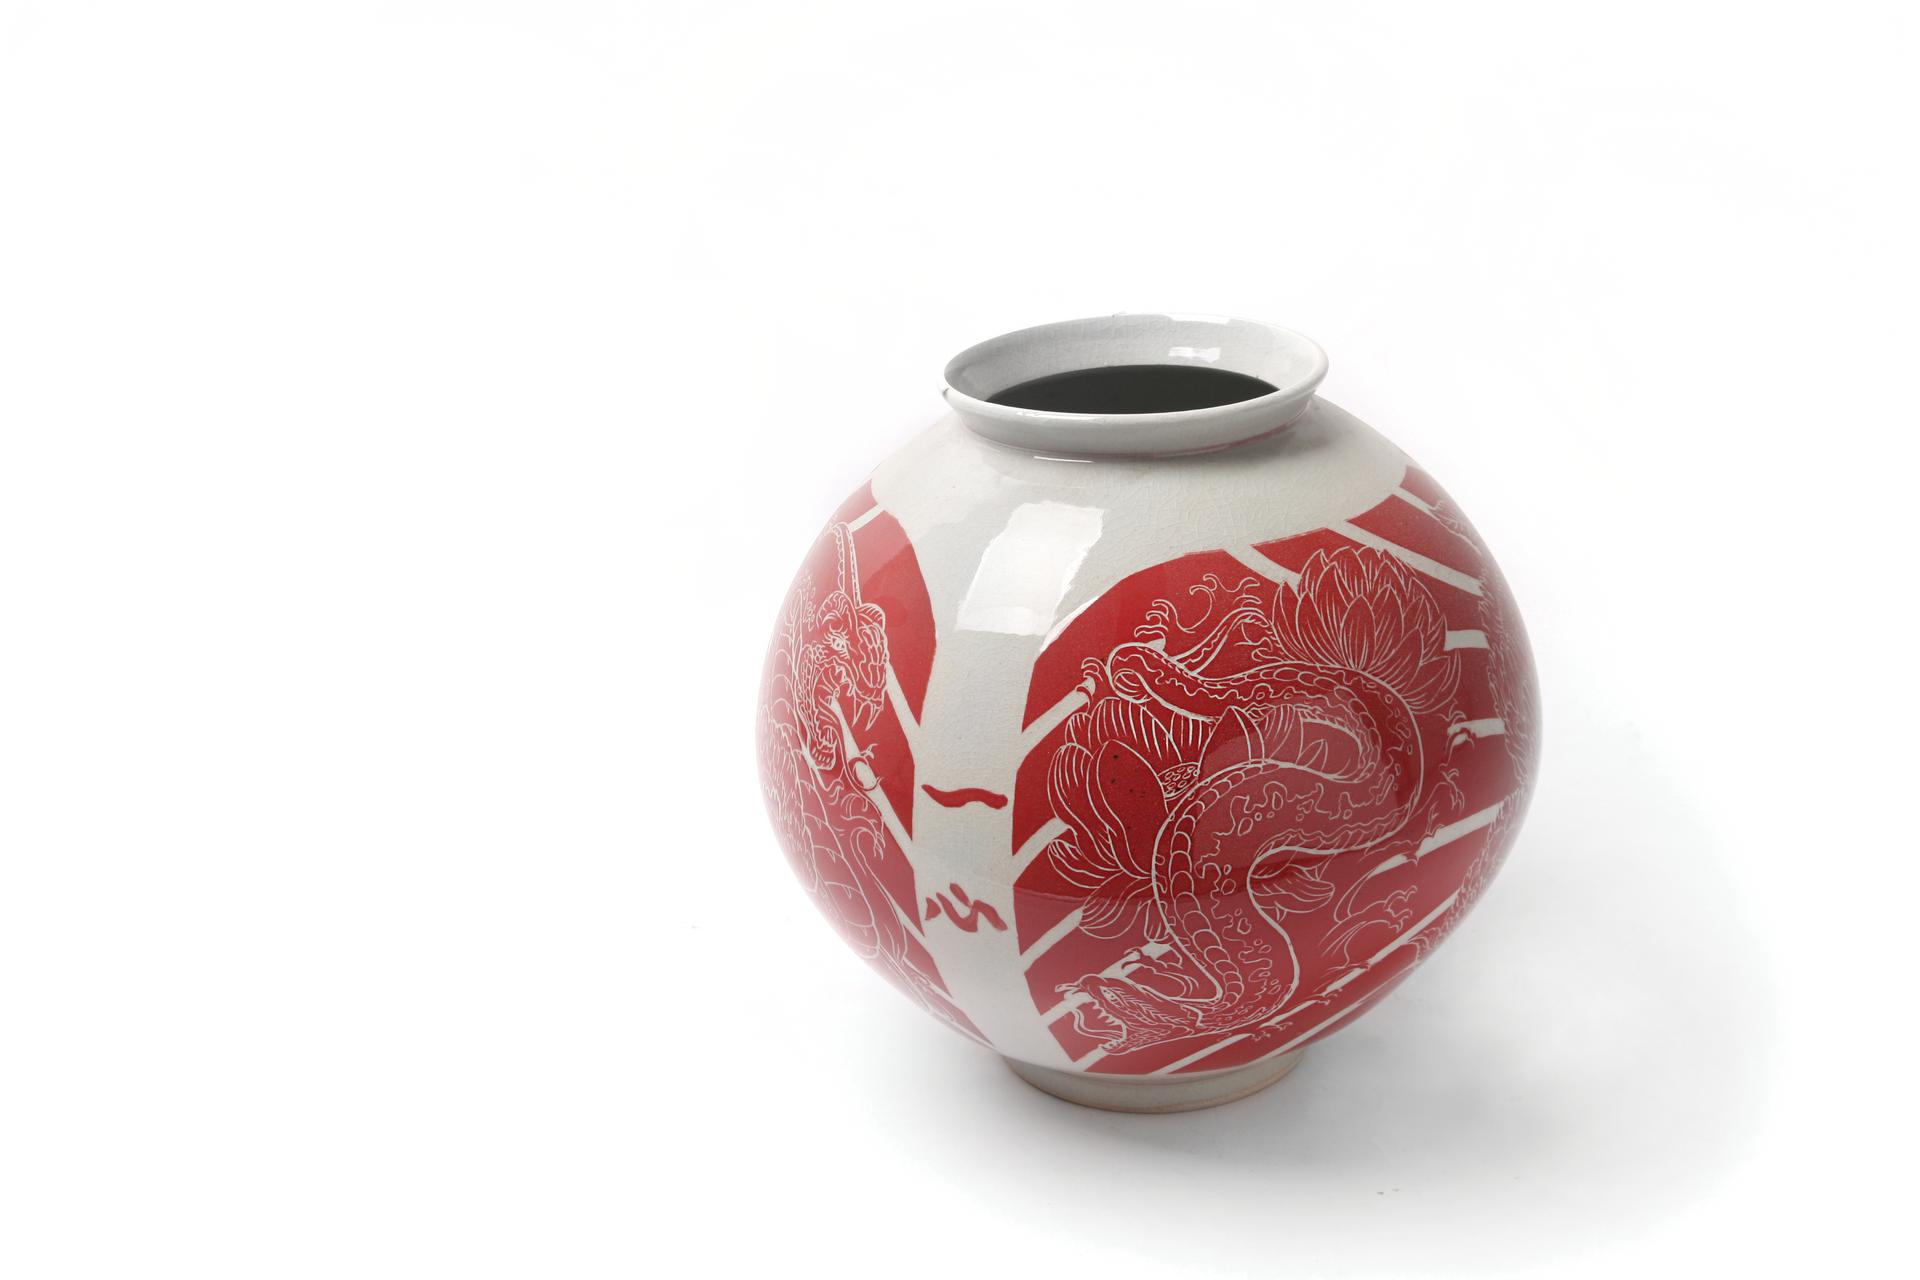 백자적박지부세회항아리(白瓷赤剝地浮世繪立壺)